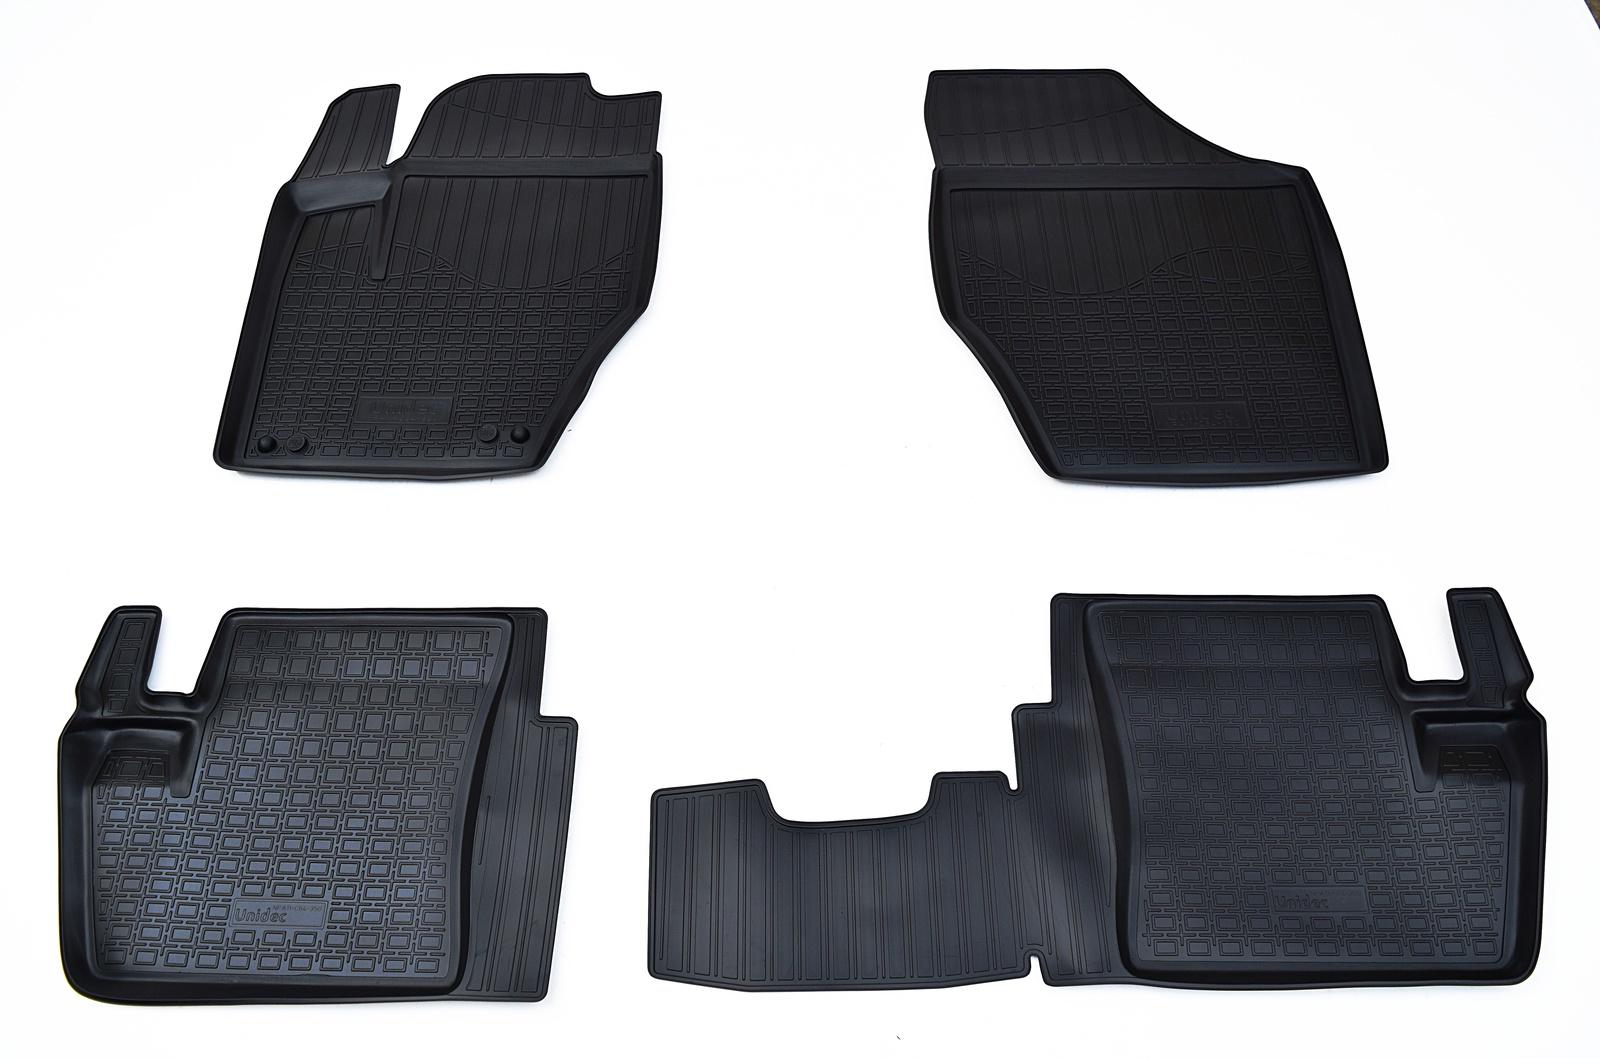 Коврики в салон Norplast для Citroen C4 N SD 2013, для Peugeot 408 2012, NPA11-C64-350, черный все цены